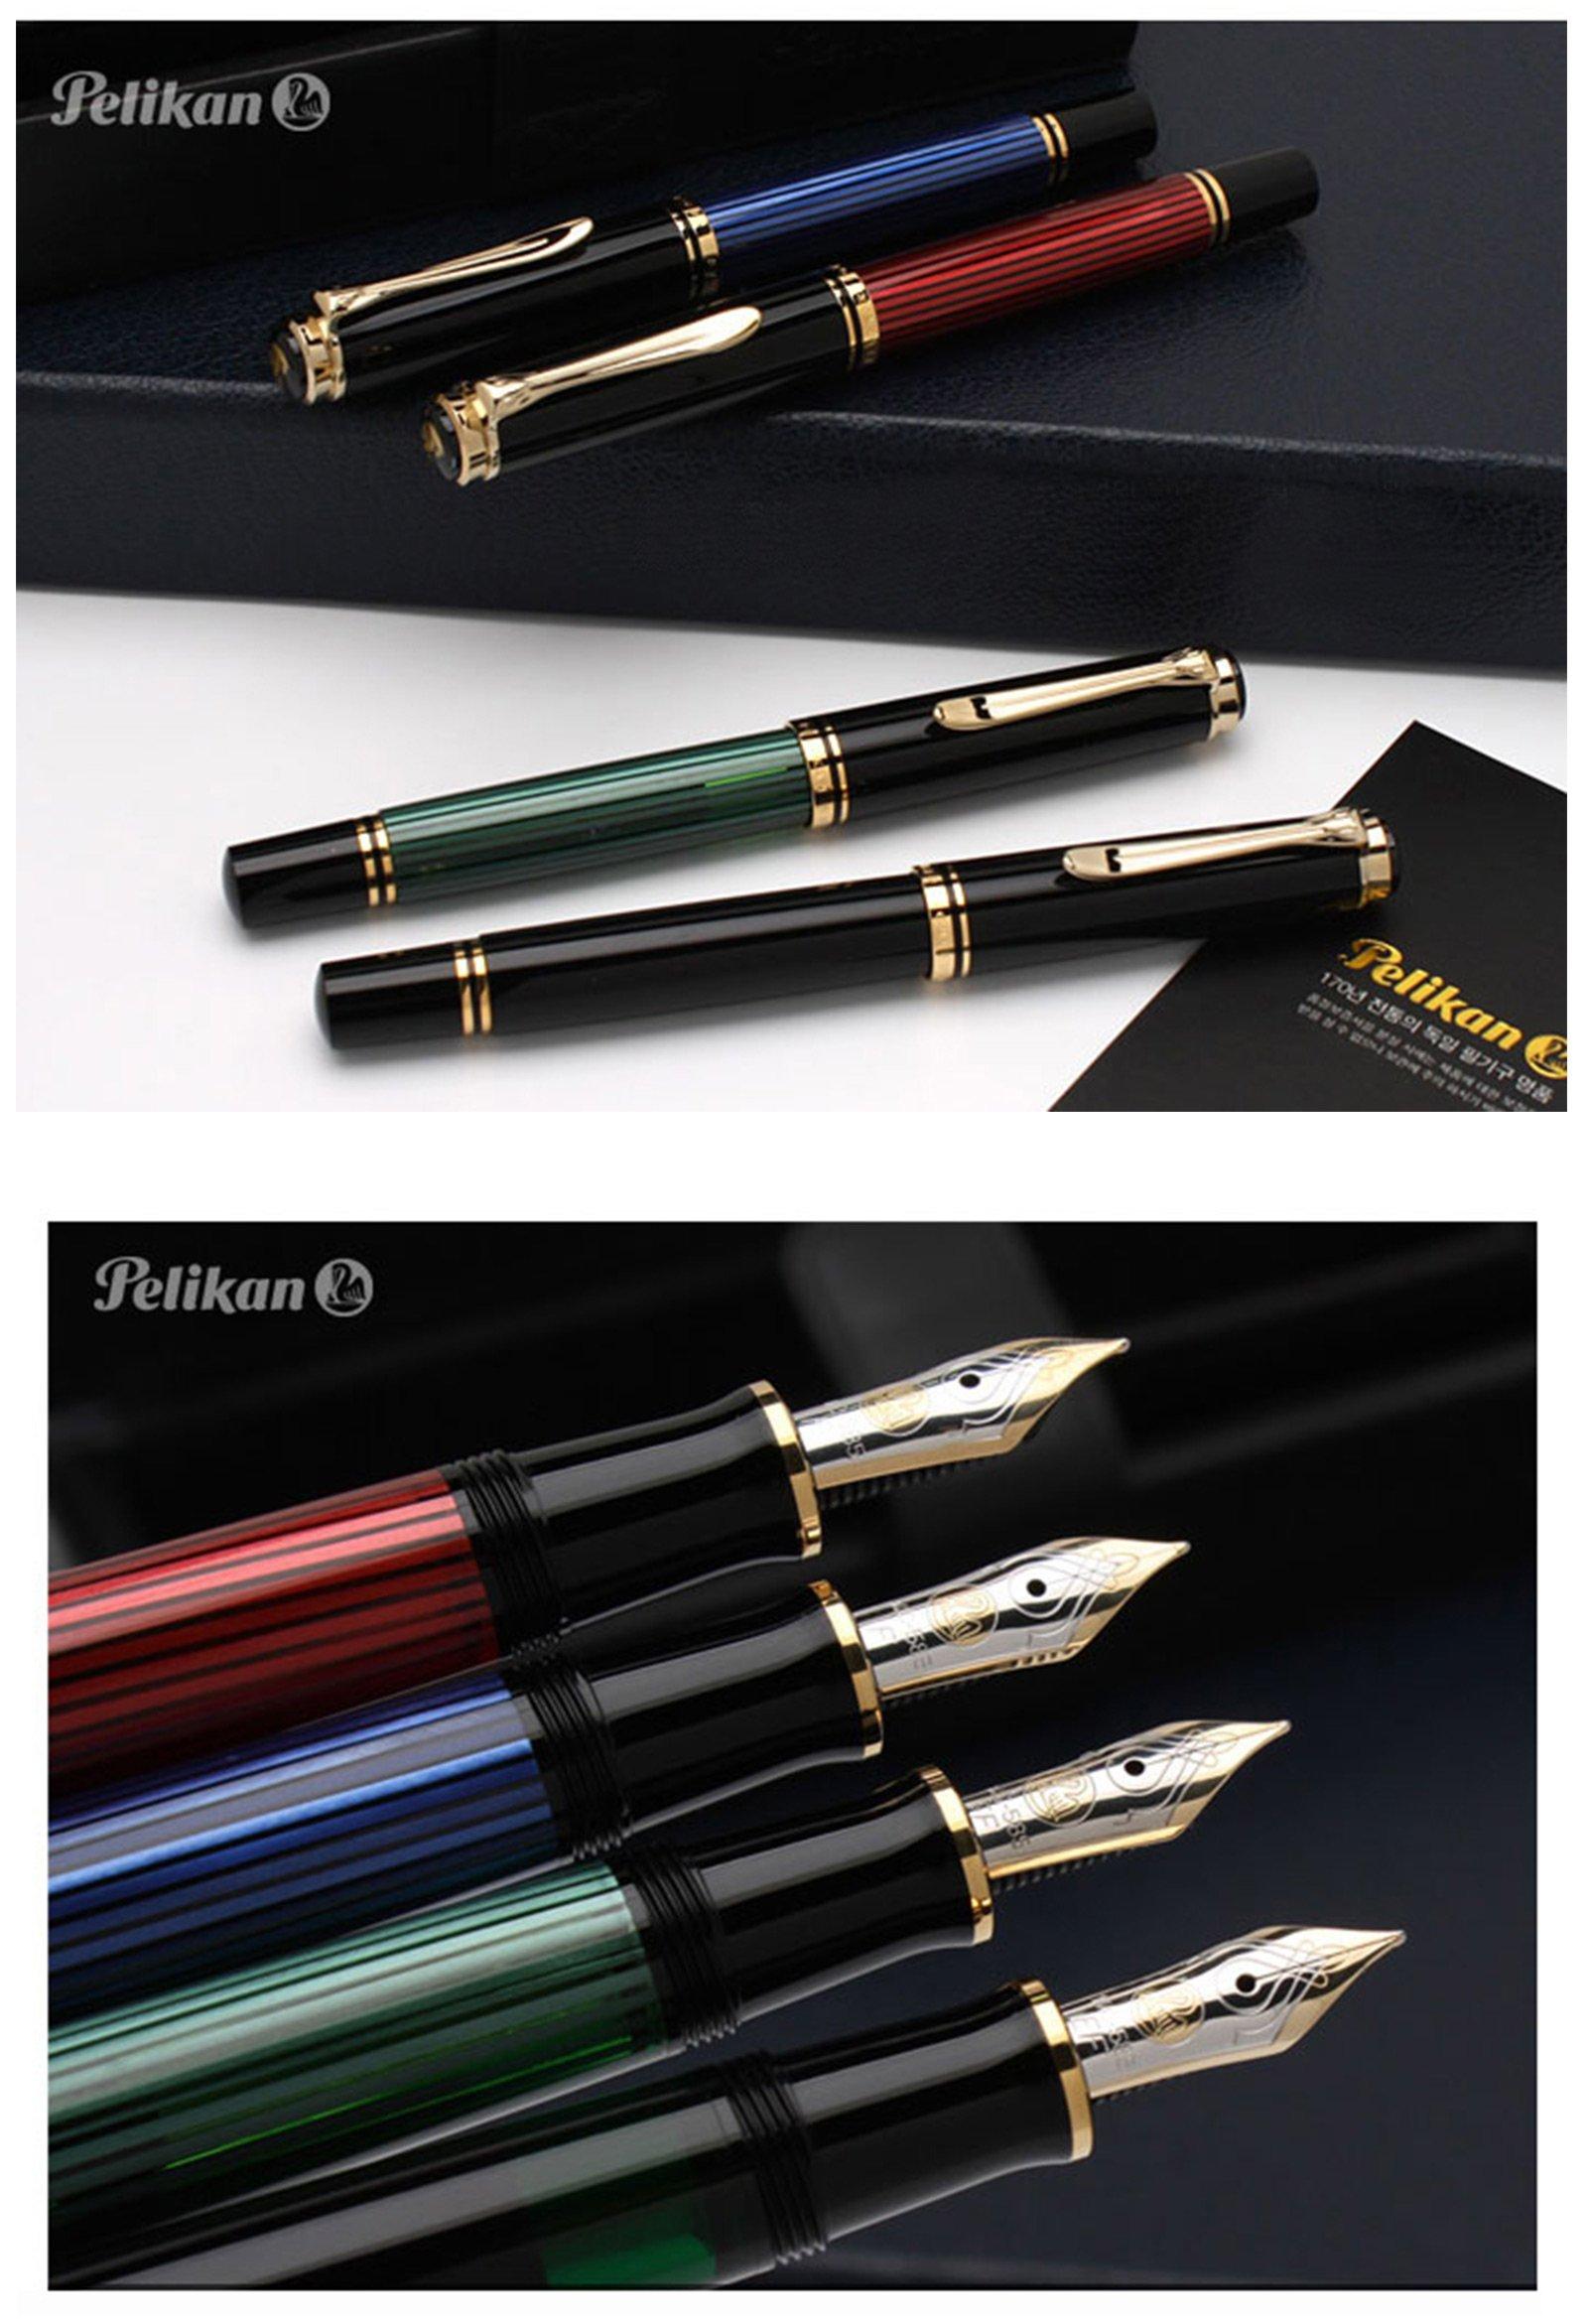 Pelikan 百利金 帝王Soveran14K 钢笔/金笔